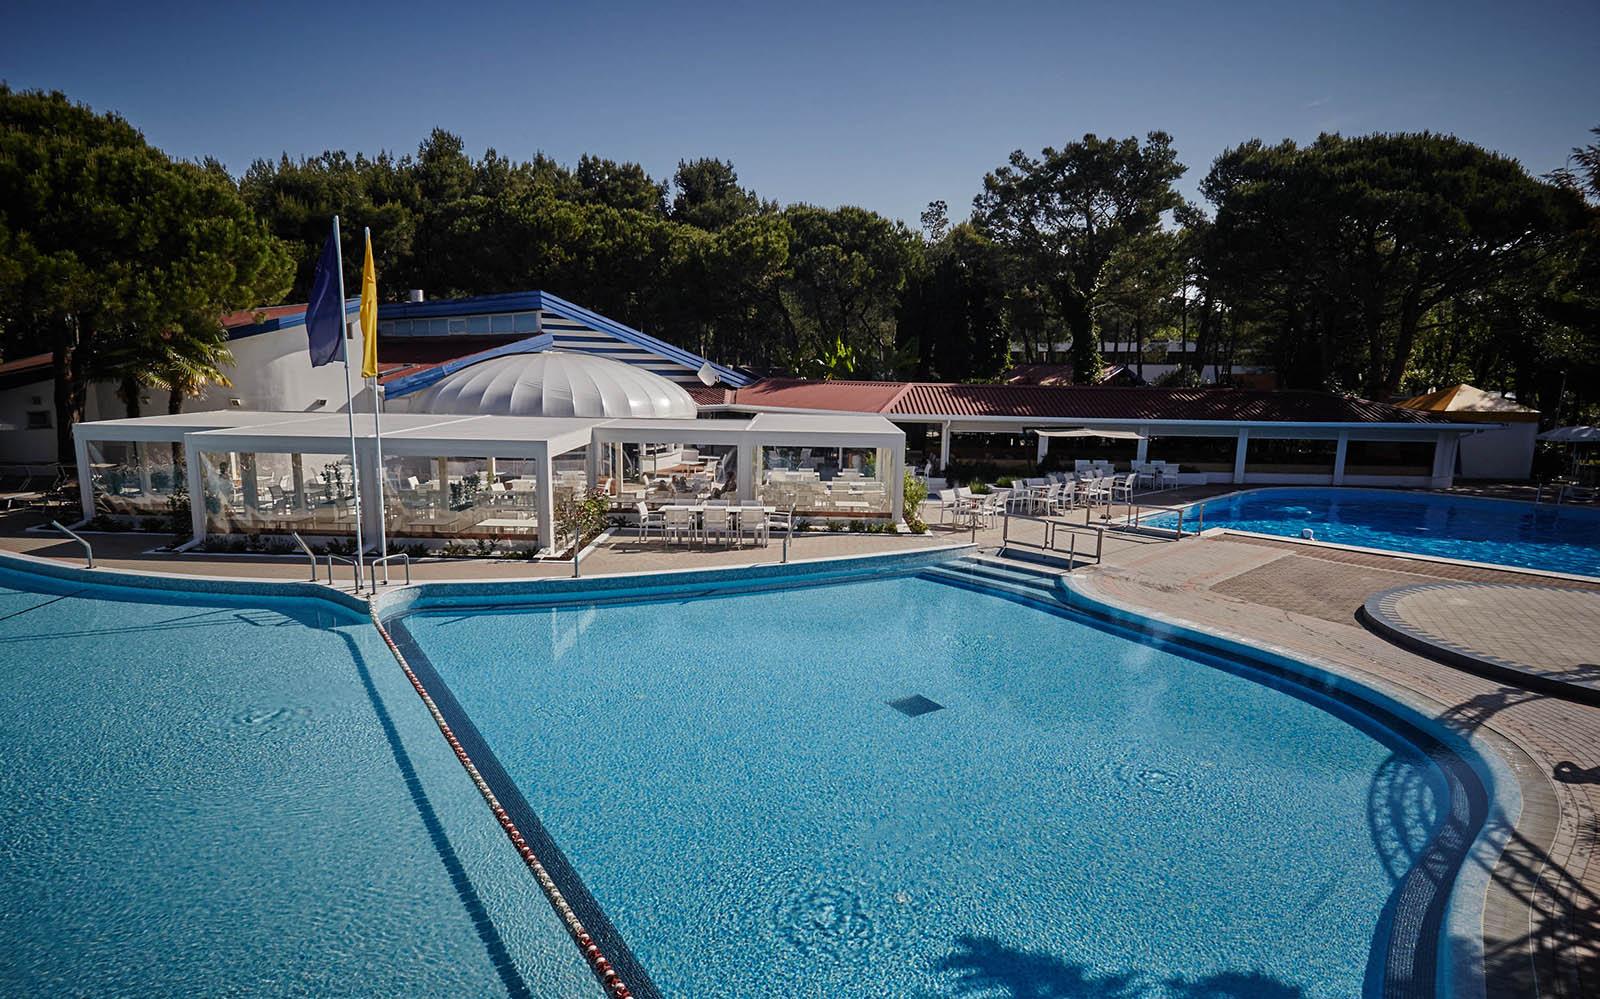 4-Camping-village-dei-fiori-schwimmbad-restaurant